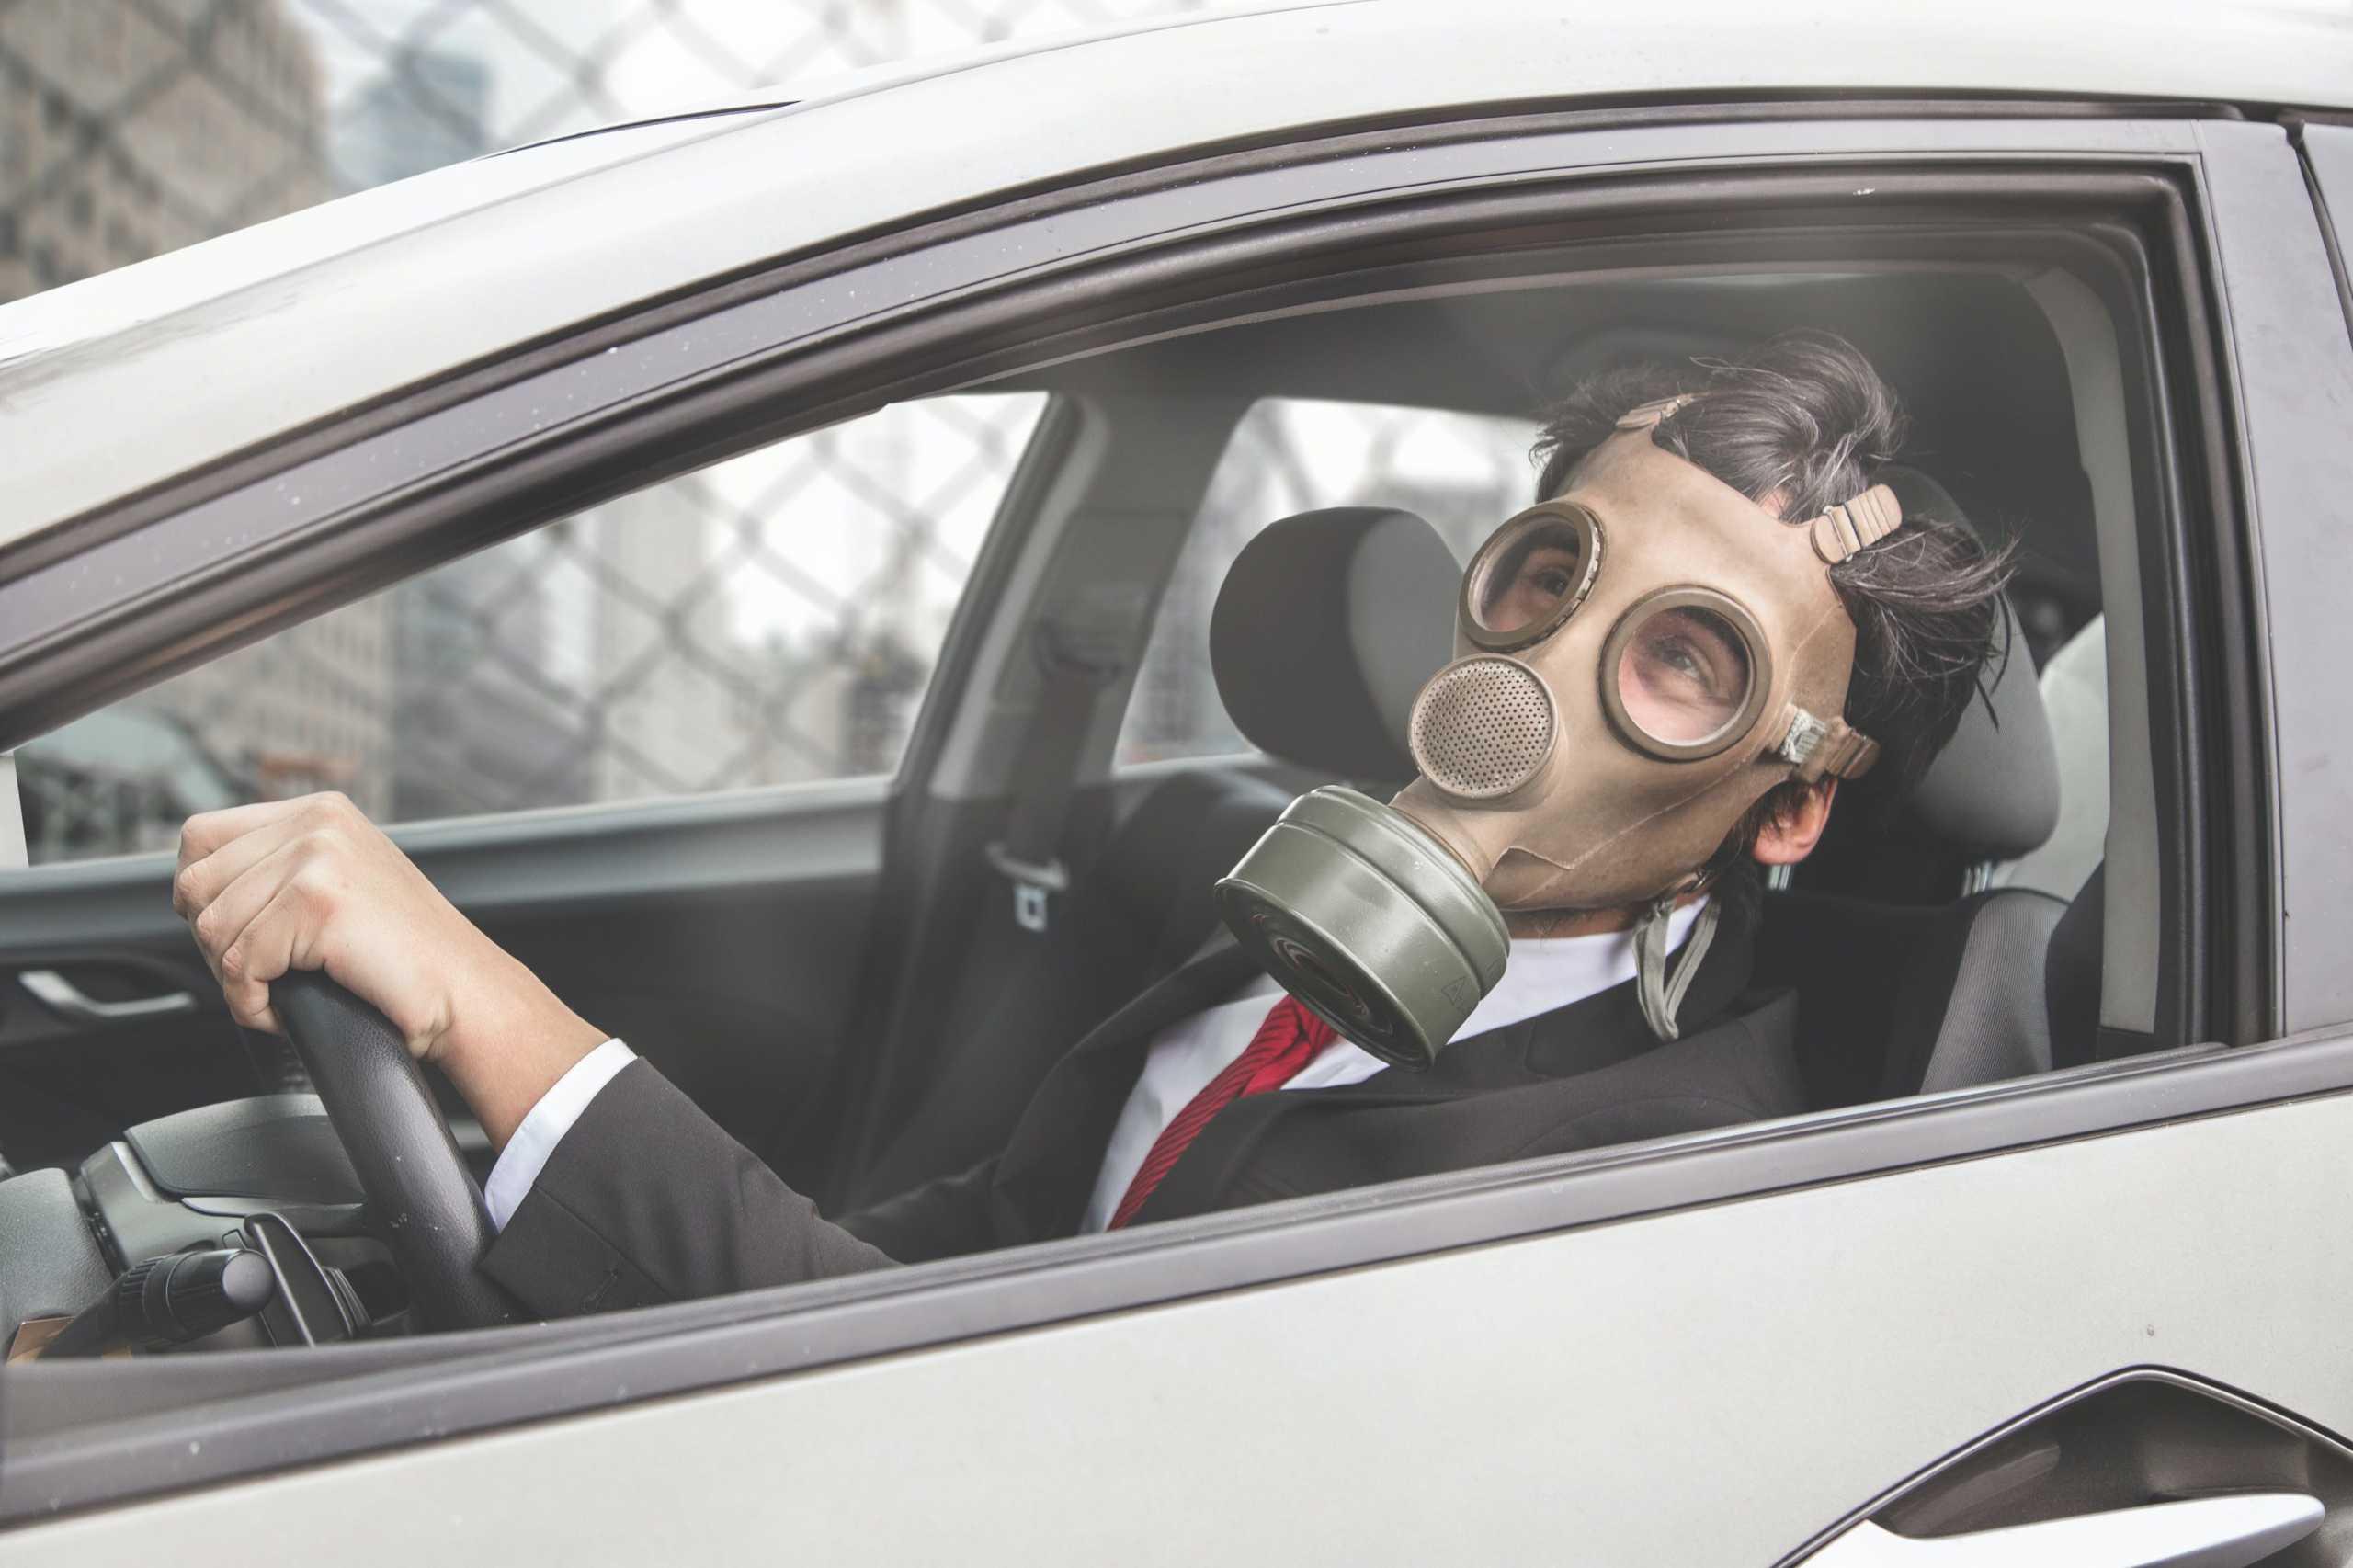 Έρευνα: Μήπως η μυρωδιά των νέων αυτοκινήτων είναι τελικά επιβλαβής για την υγεία;